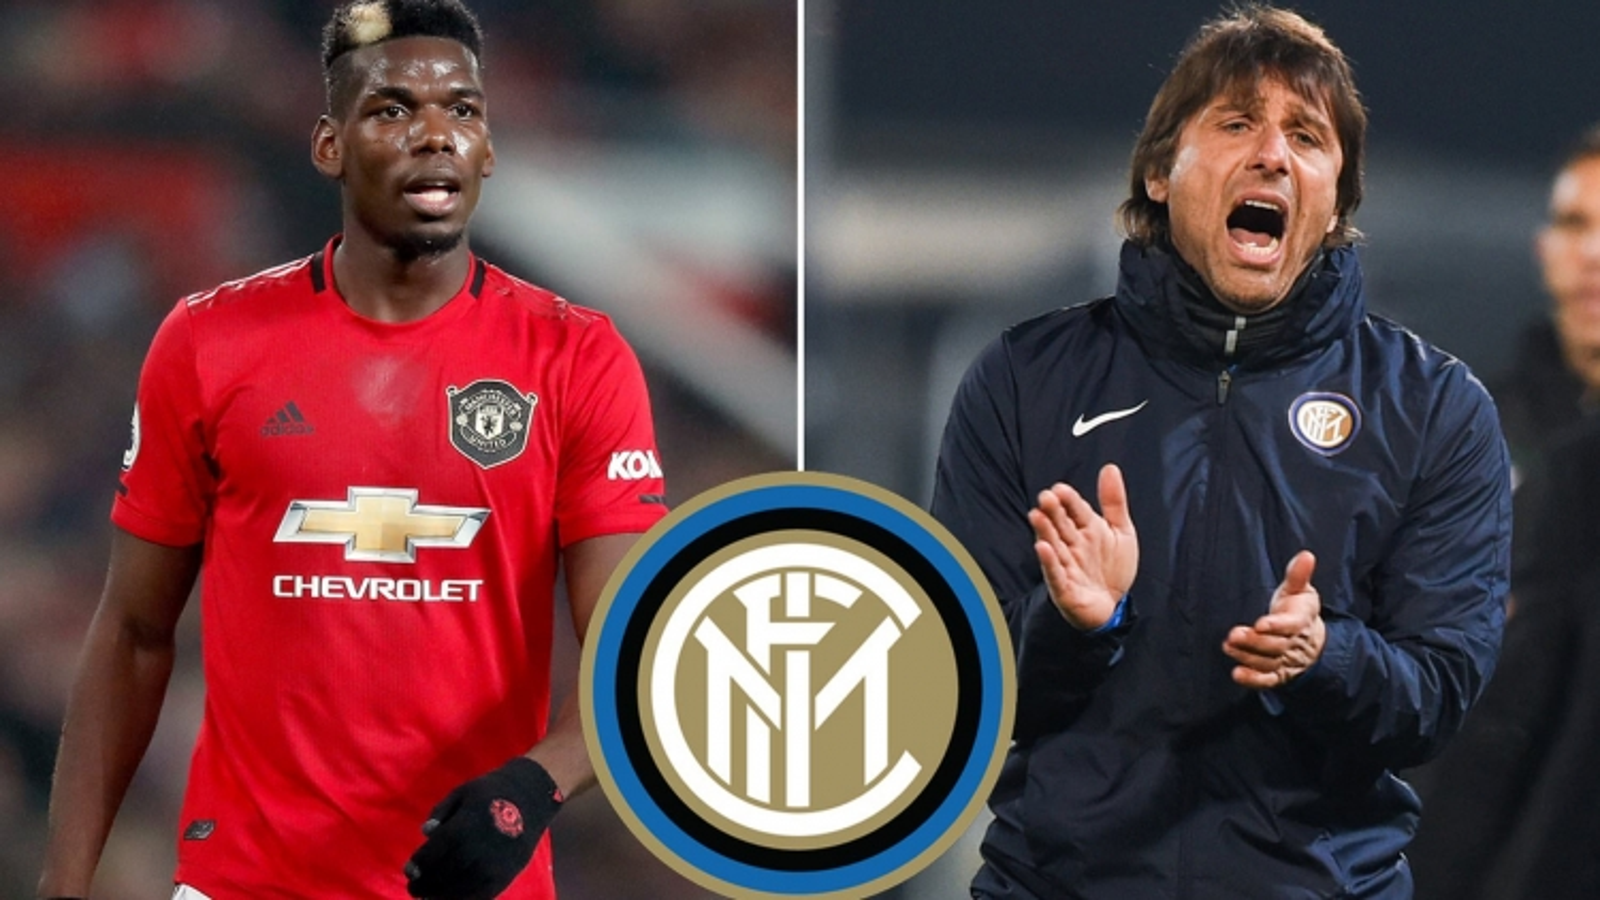 Đội hình đẹp như mơ của Inter Milan khi có được Paul Pogba từ MU